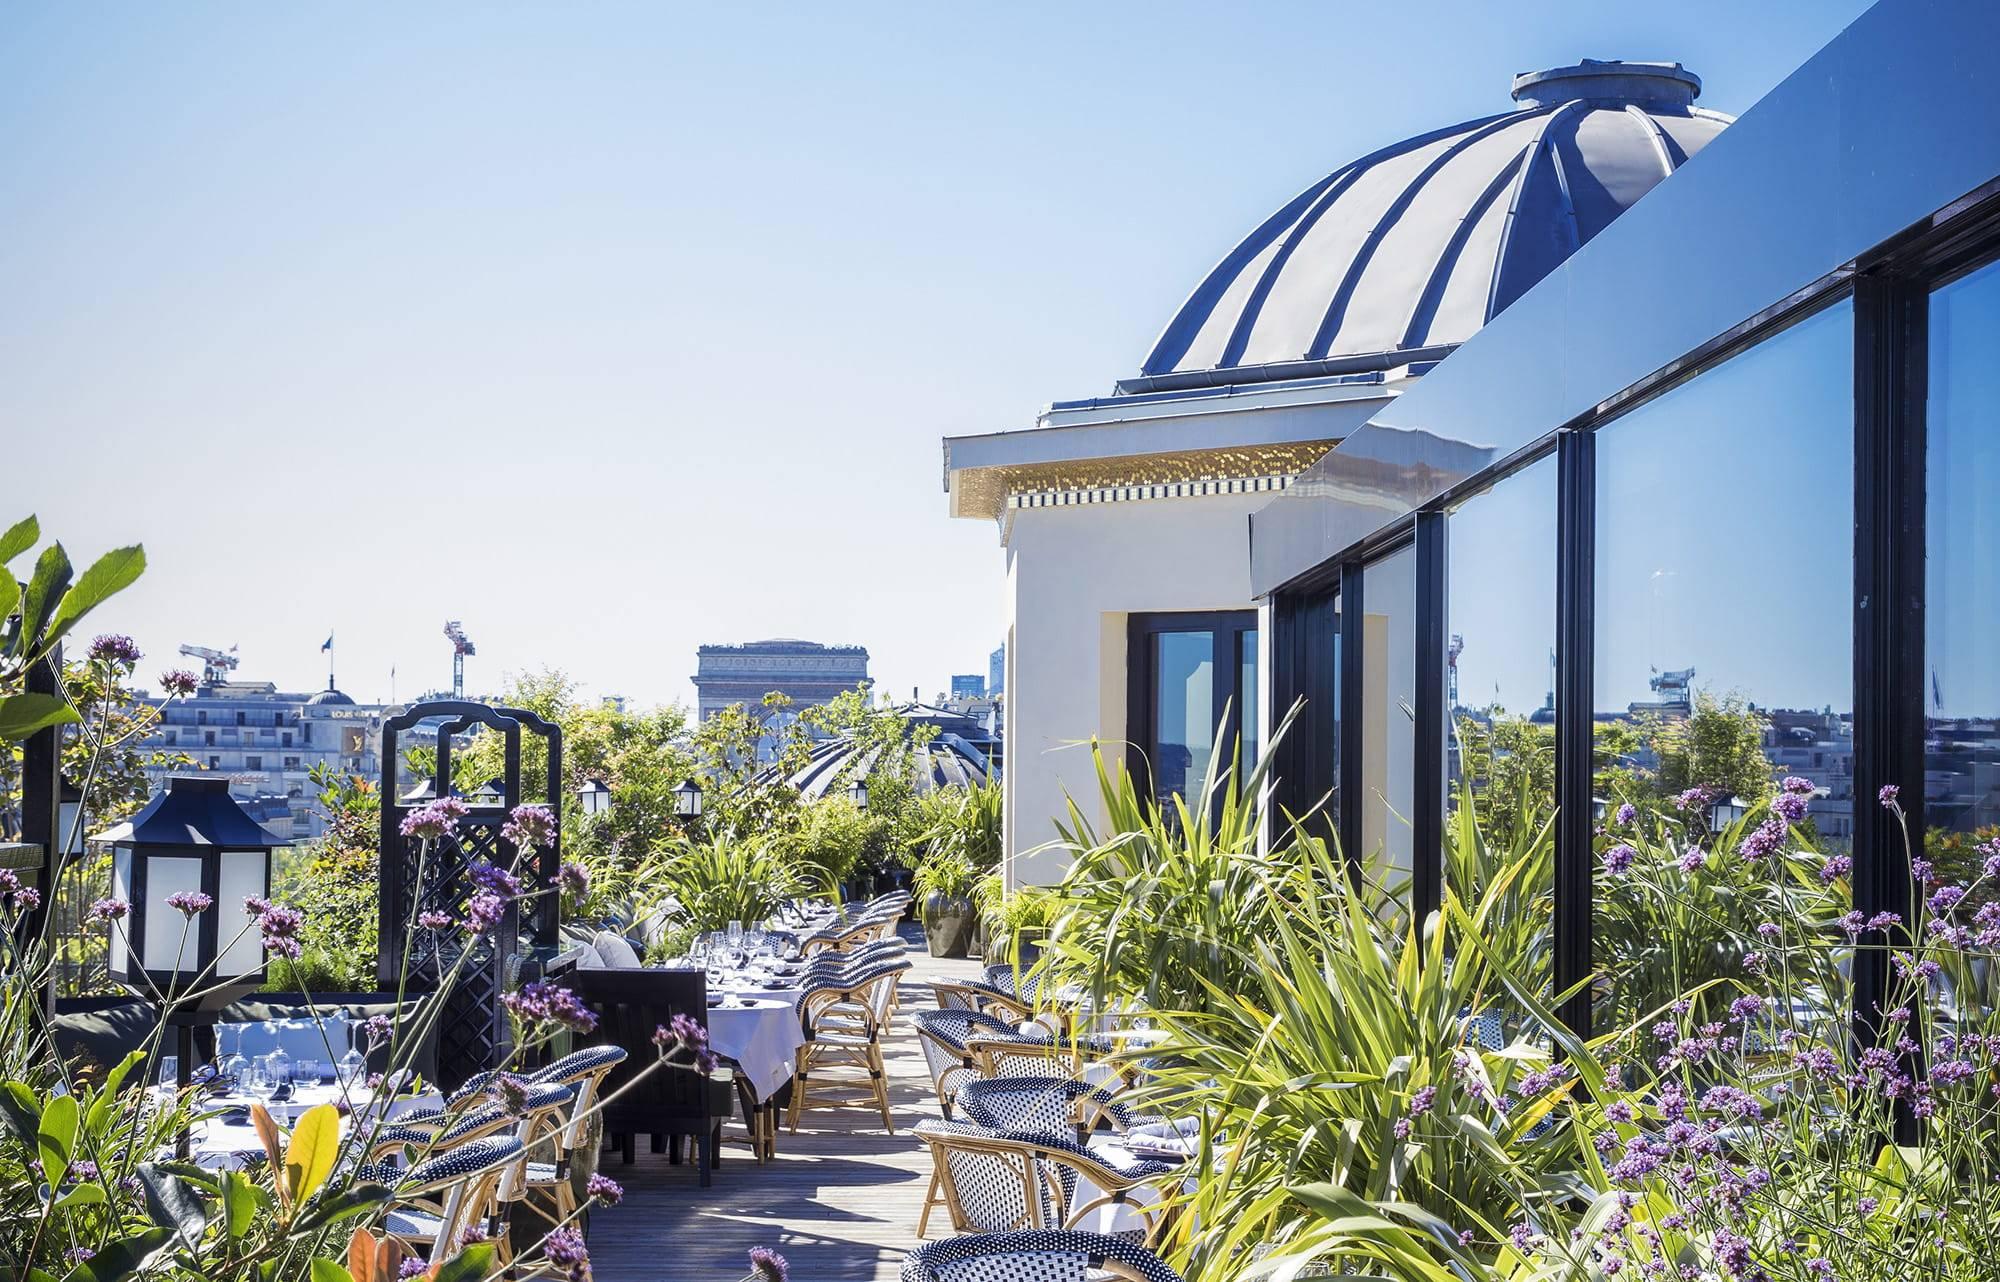 5-rooftops-a-decouvrir-absolument-a-Paris-pour-cet-ete-2021-4